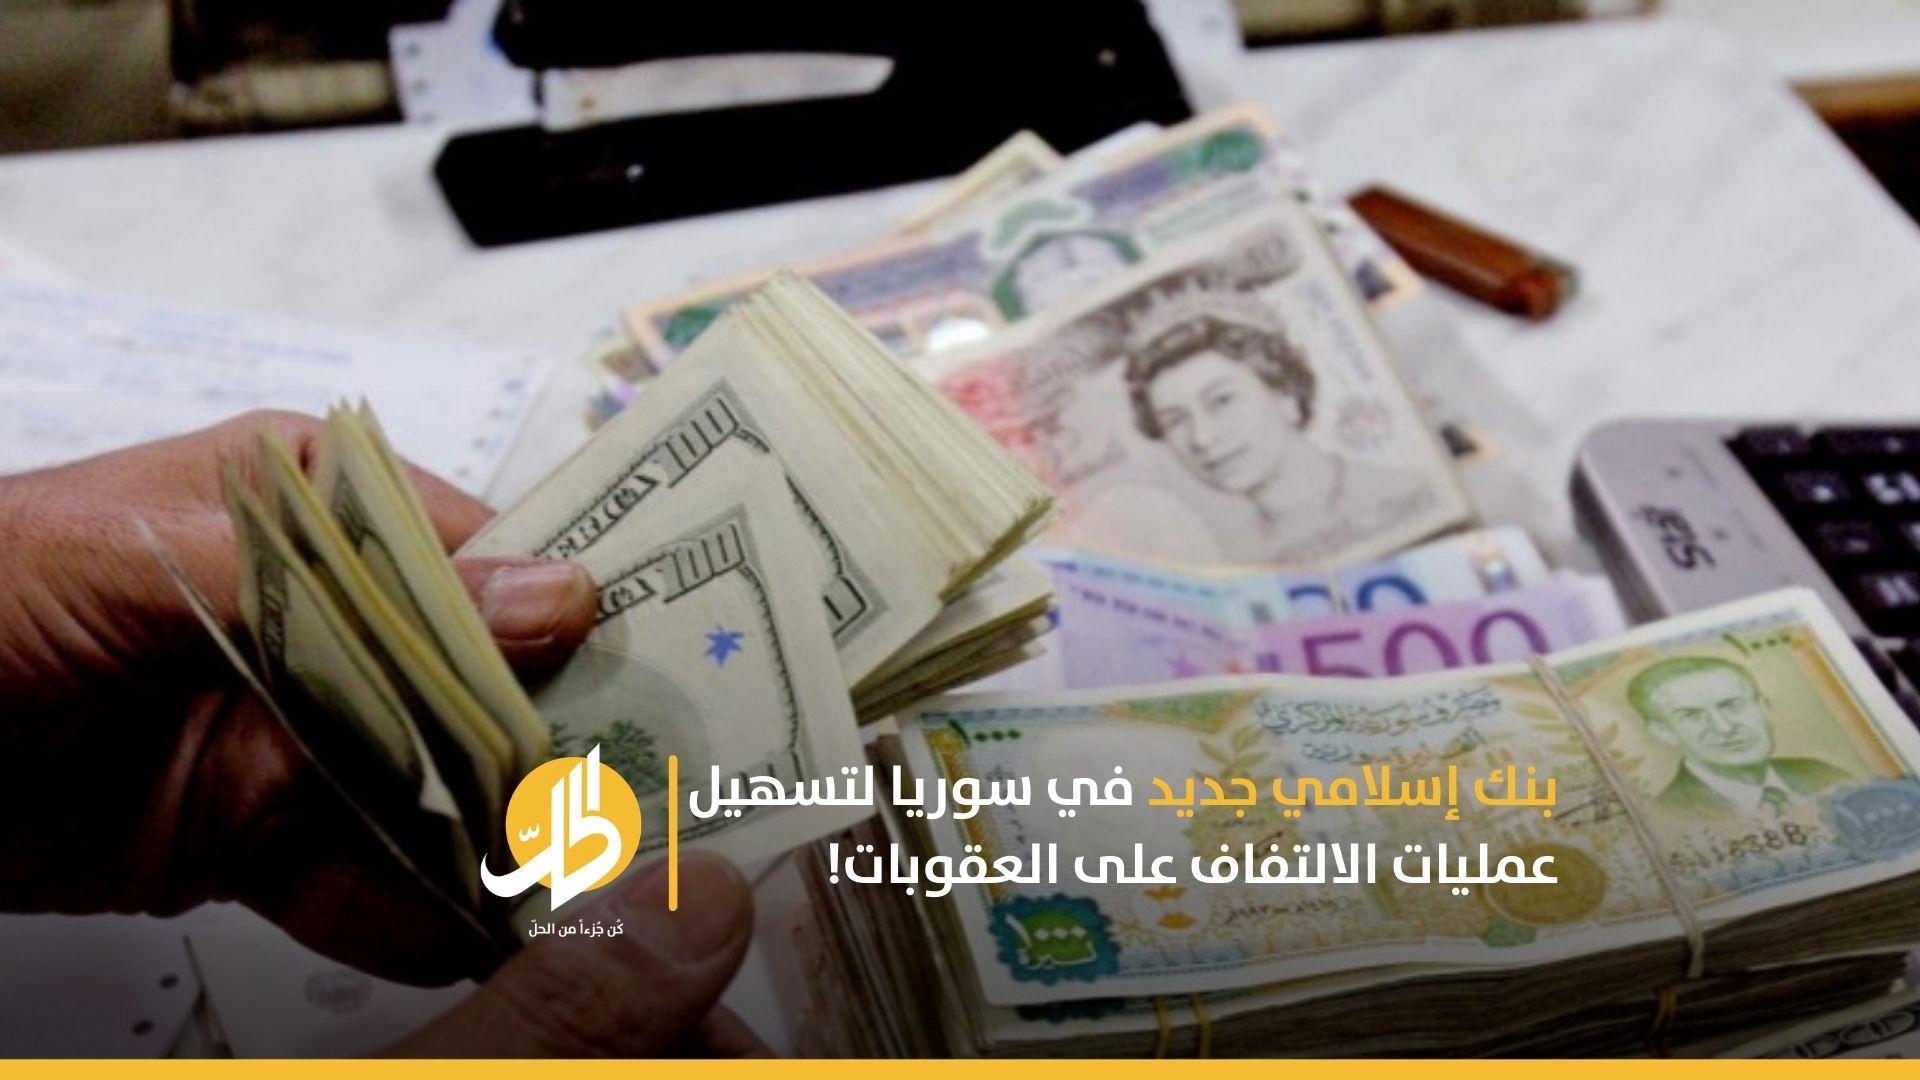 بنك إسلامي جديد في سوريا لتسهيل عمليات الالتفاف على العقوبات!